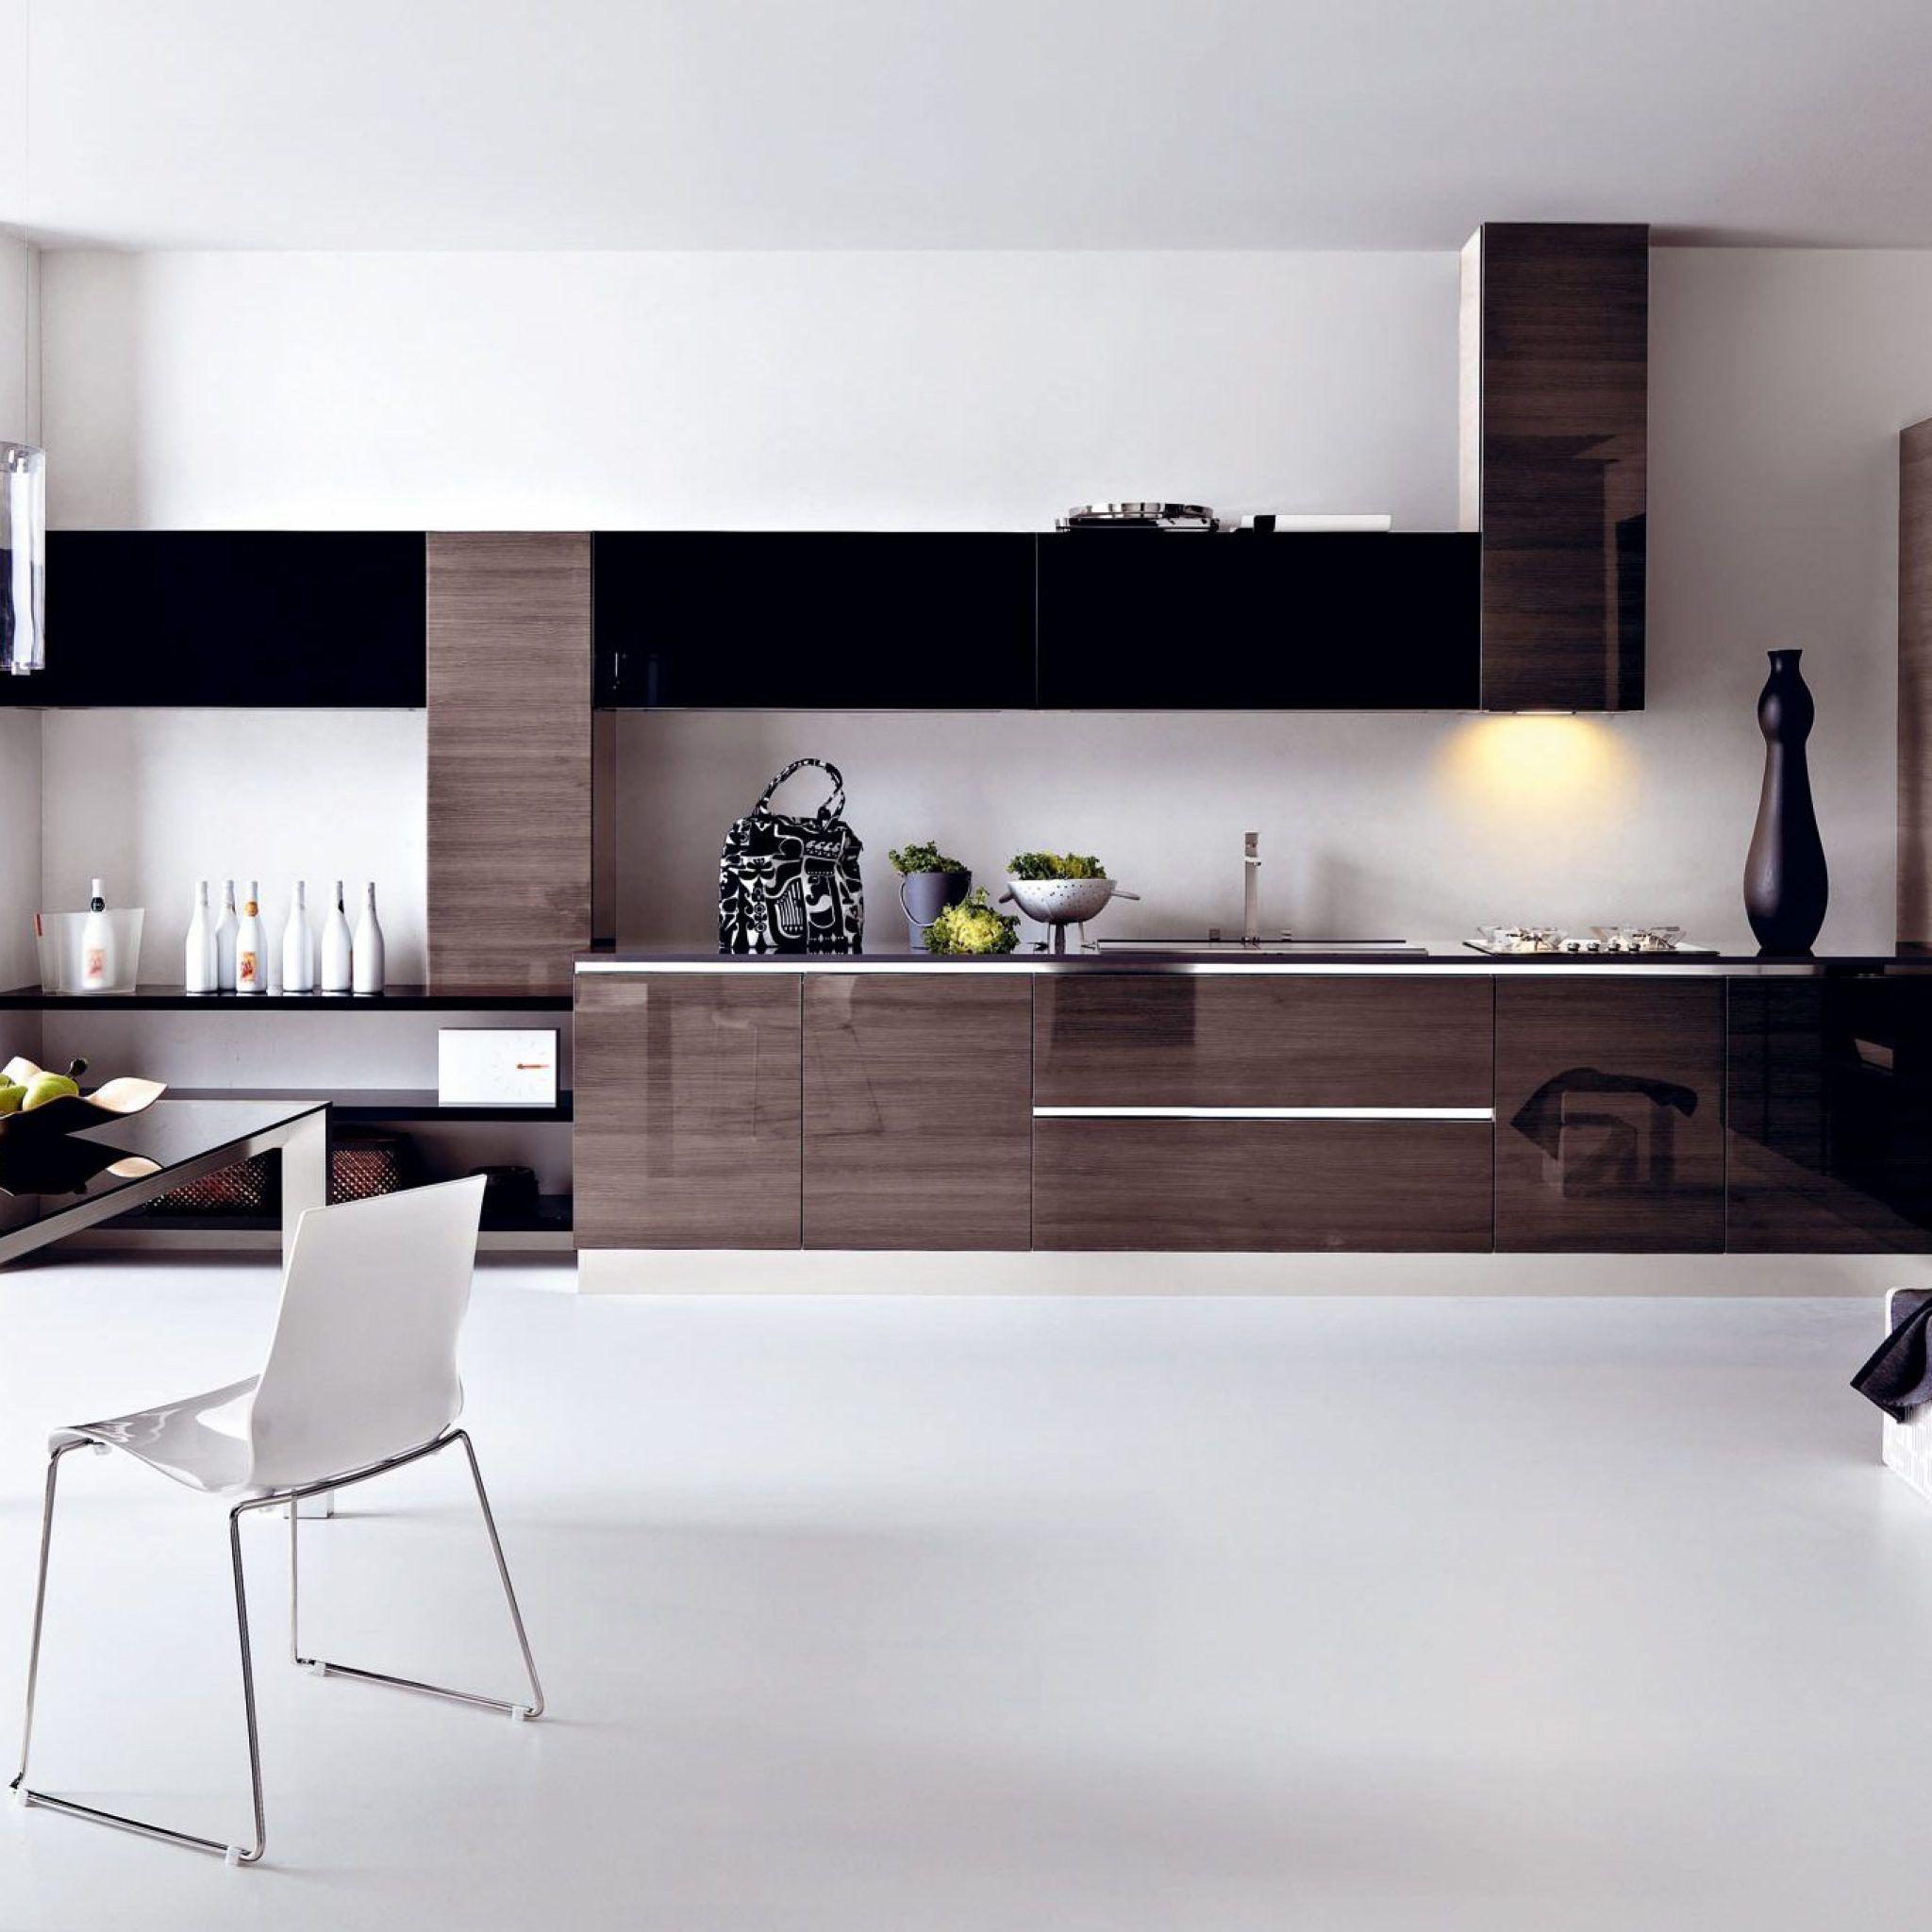 Moderne Küche Designs mit hellen Farben   Home Dekoration ideas ...